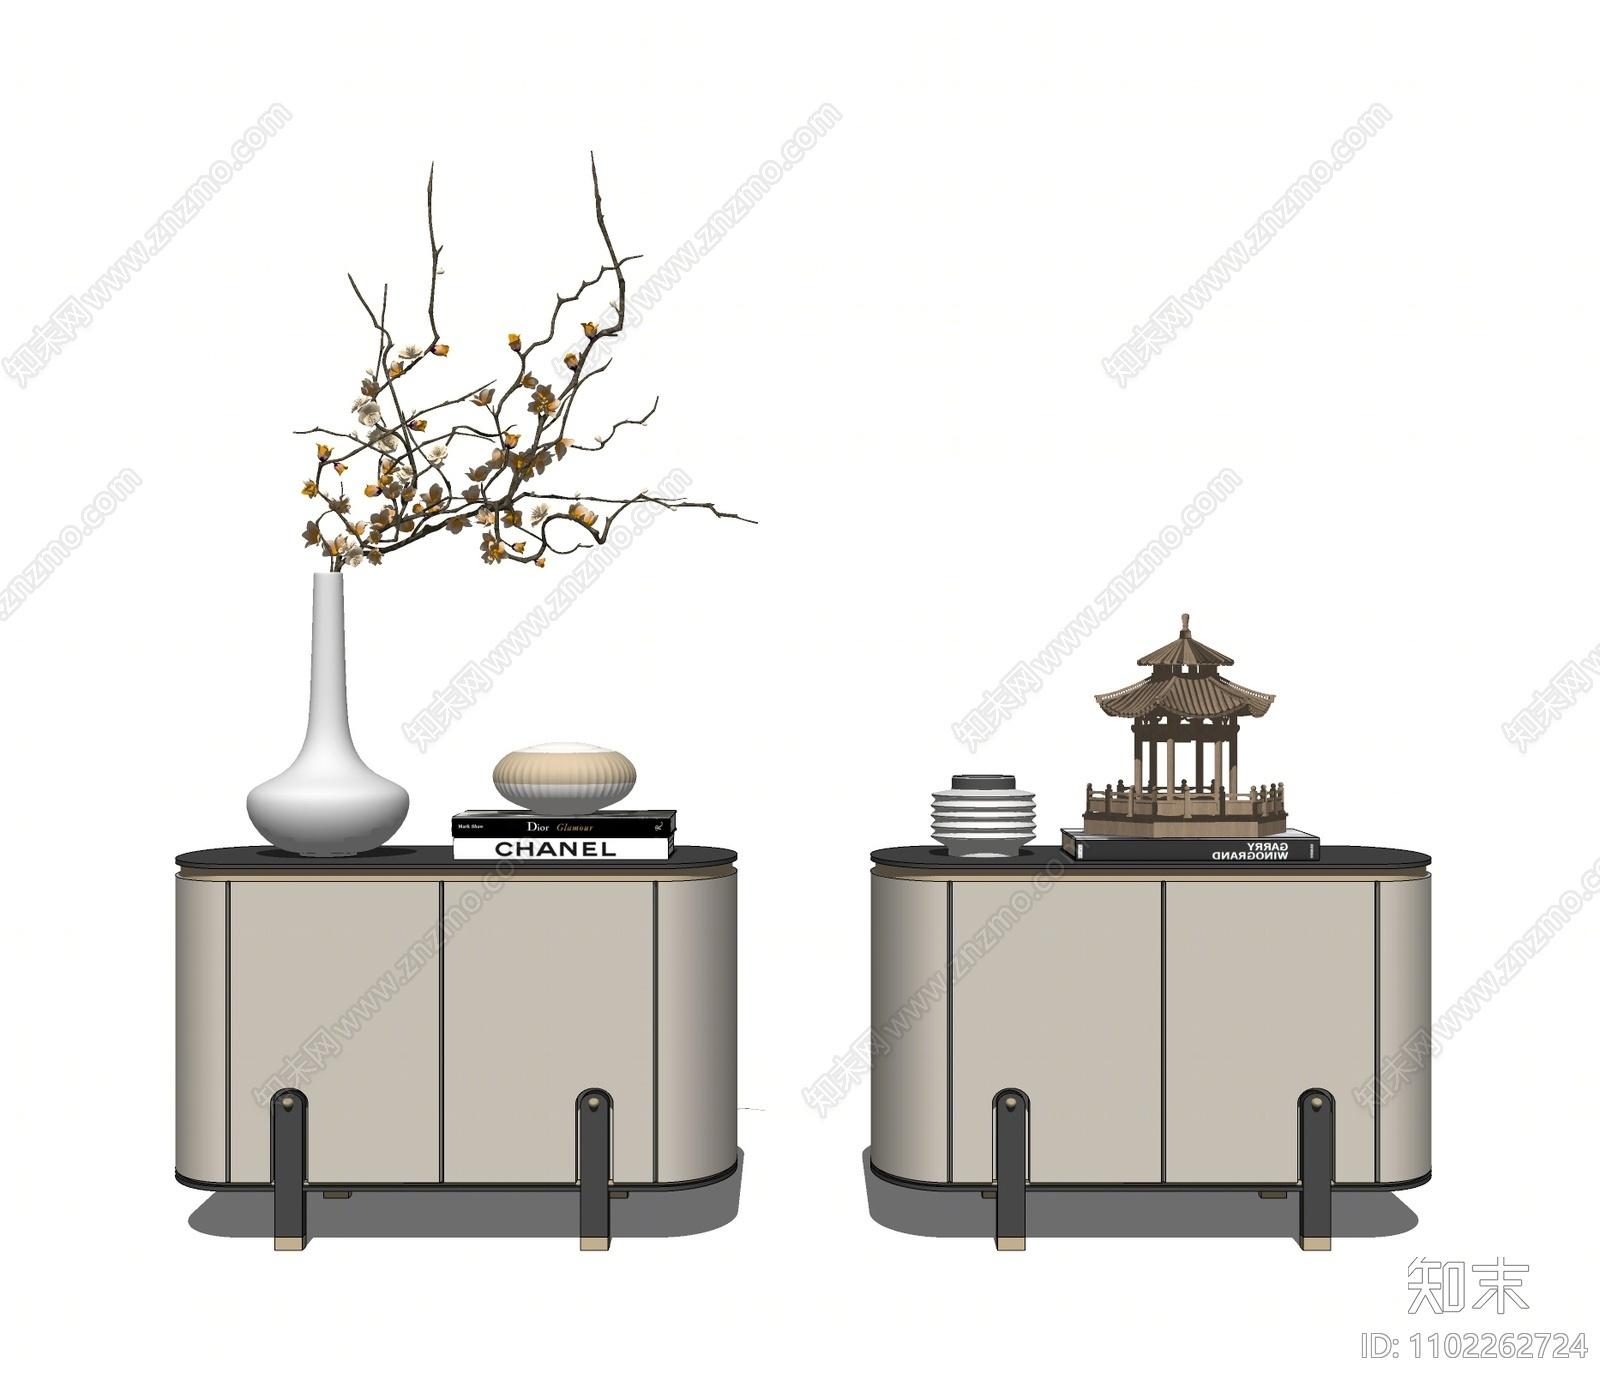 新中式床头柜组合SU模型下载【ID:1102262724】